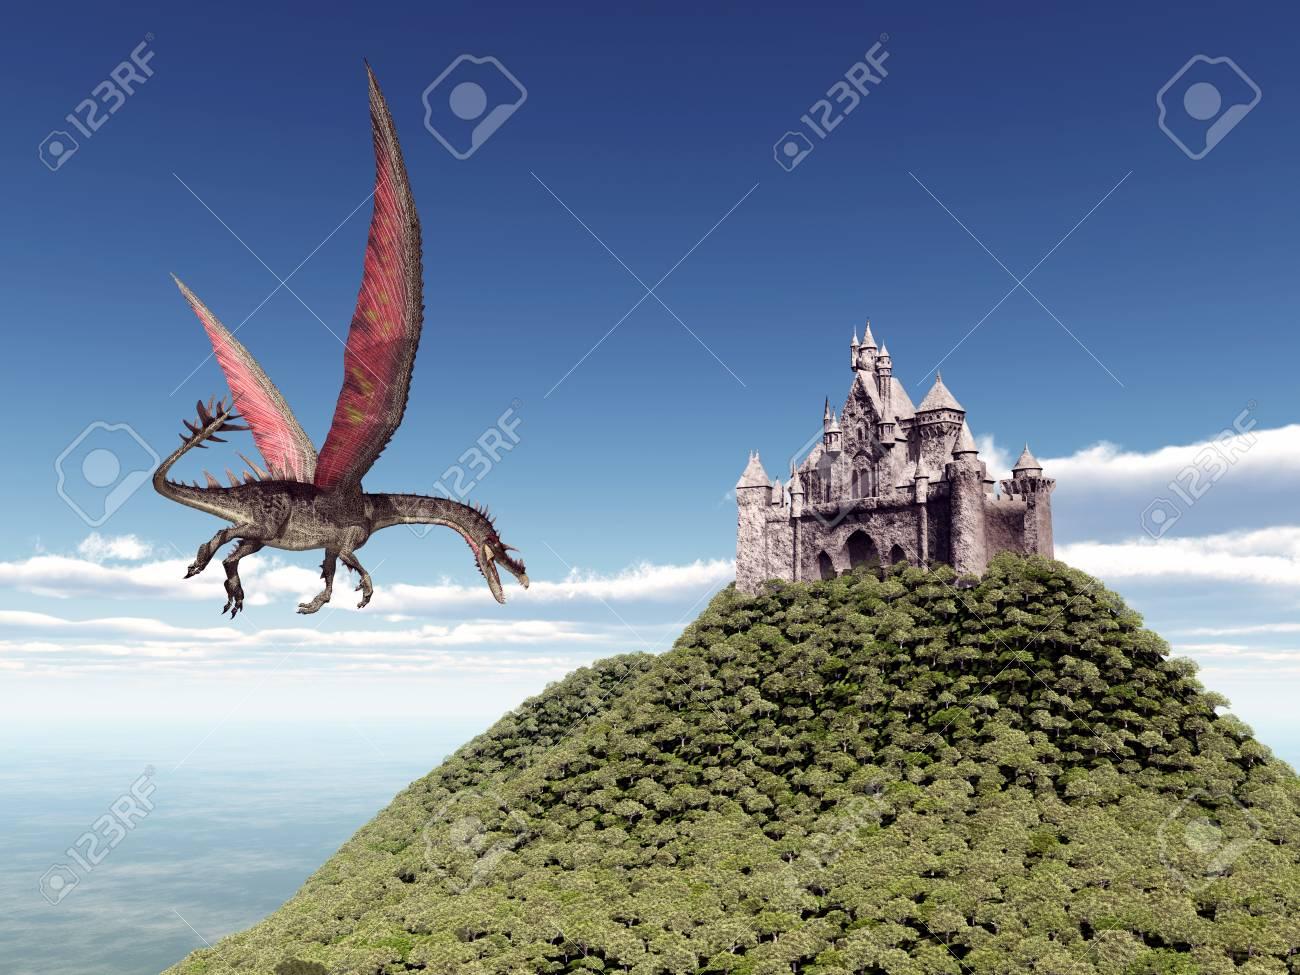 ドラゴン 城 と